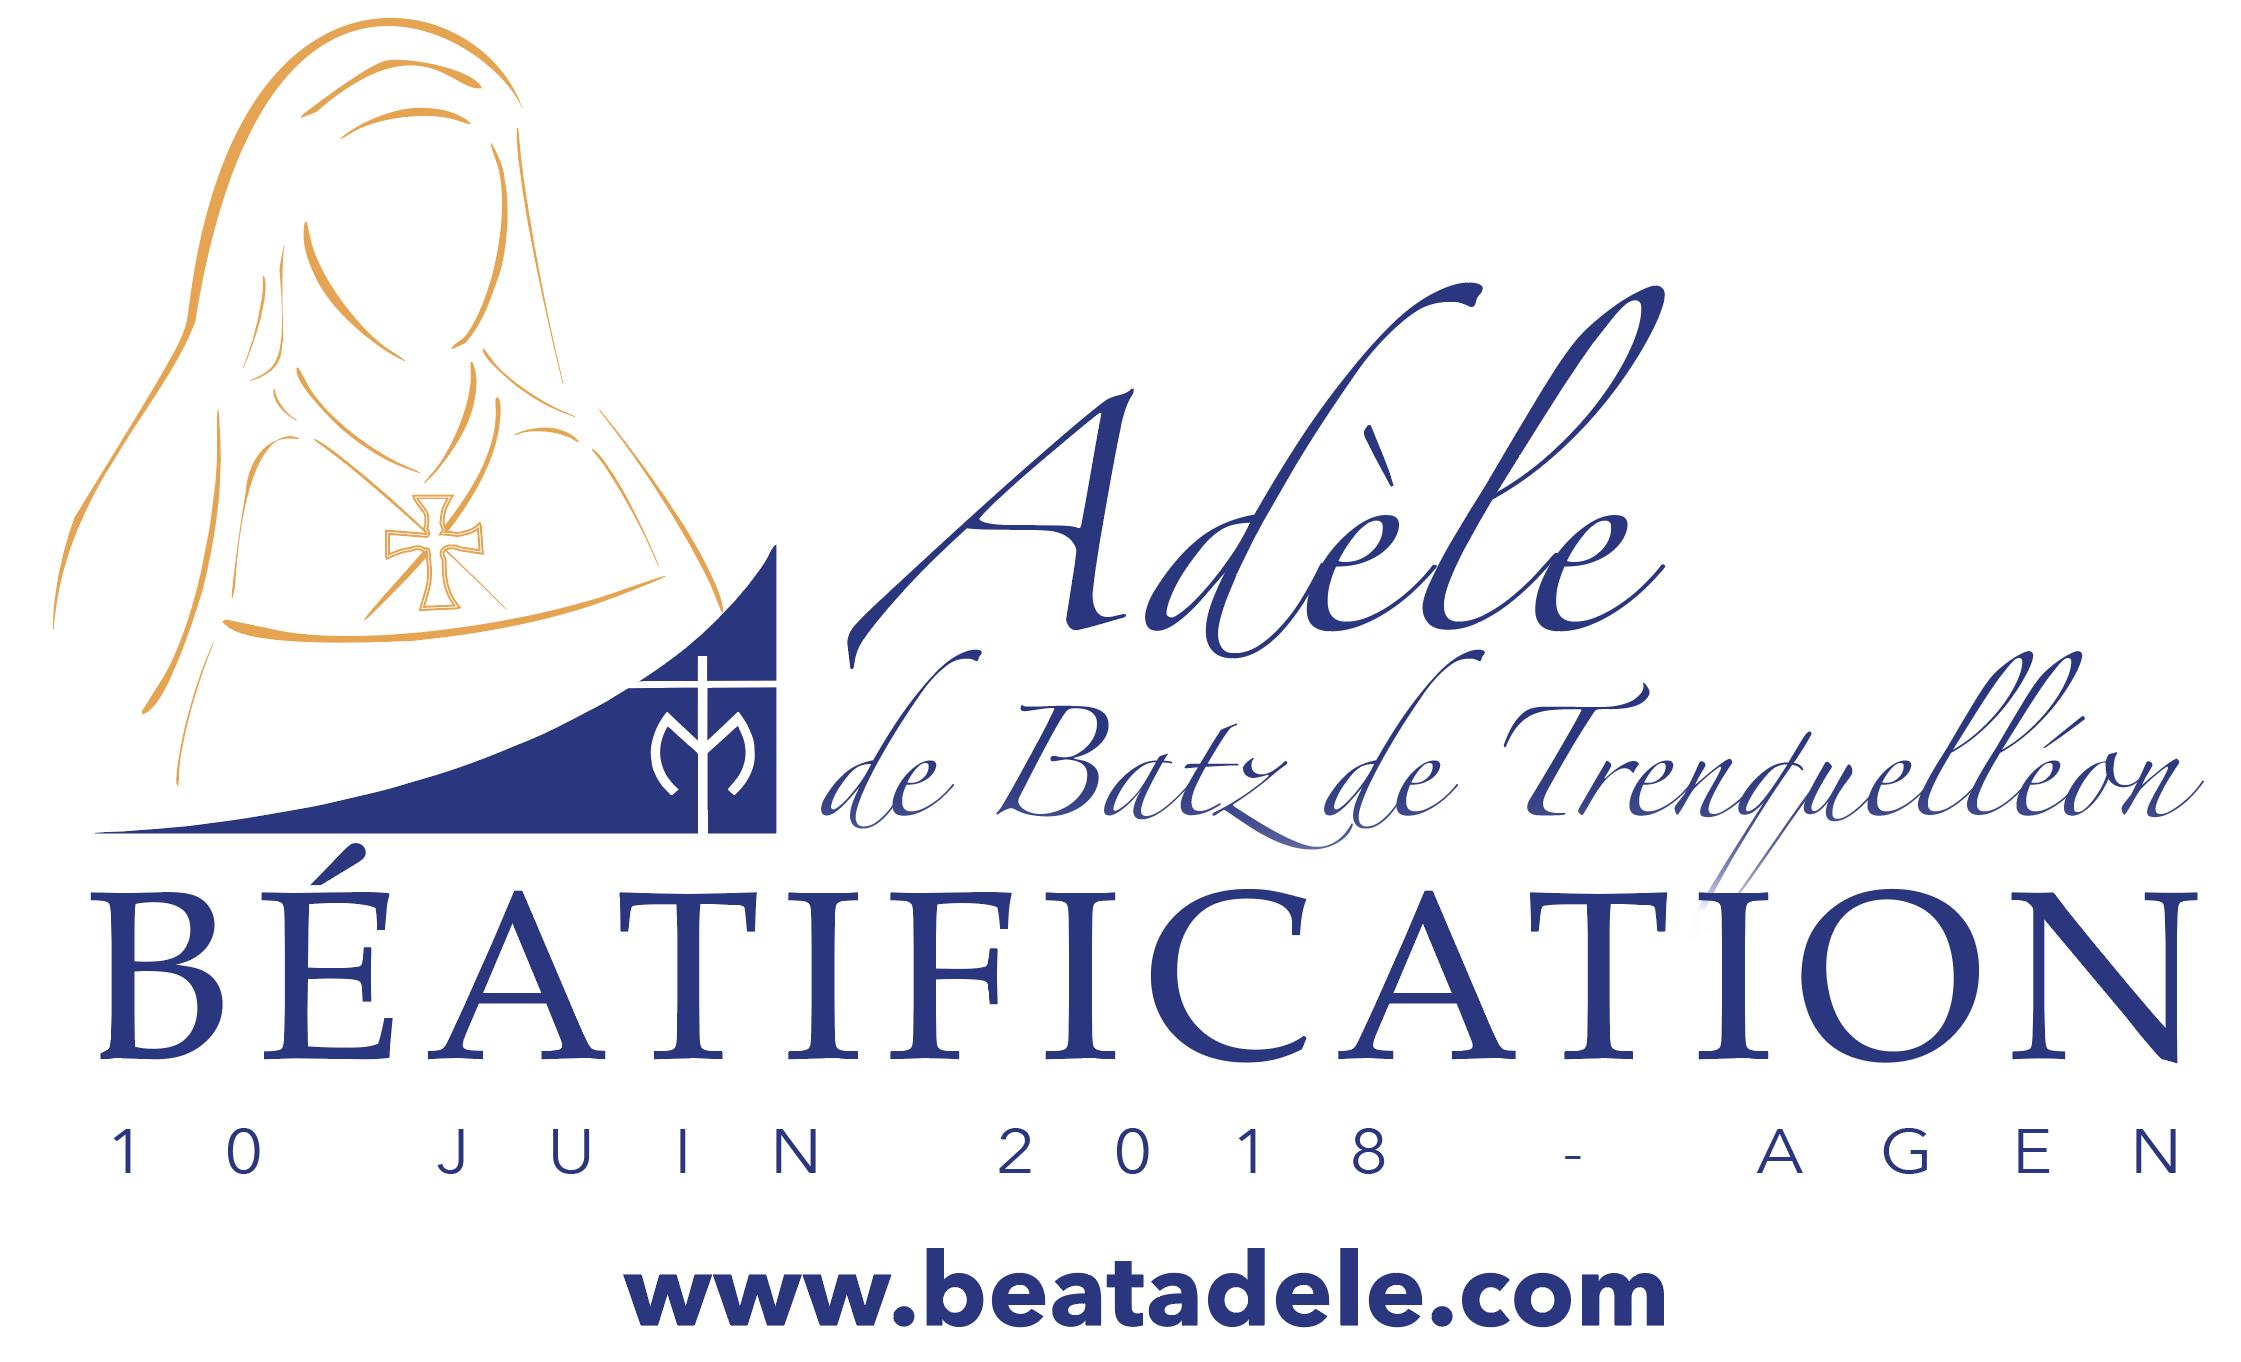 Béatification d'Adèle de Batz de Trenquelléon